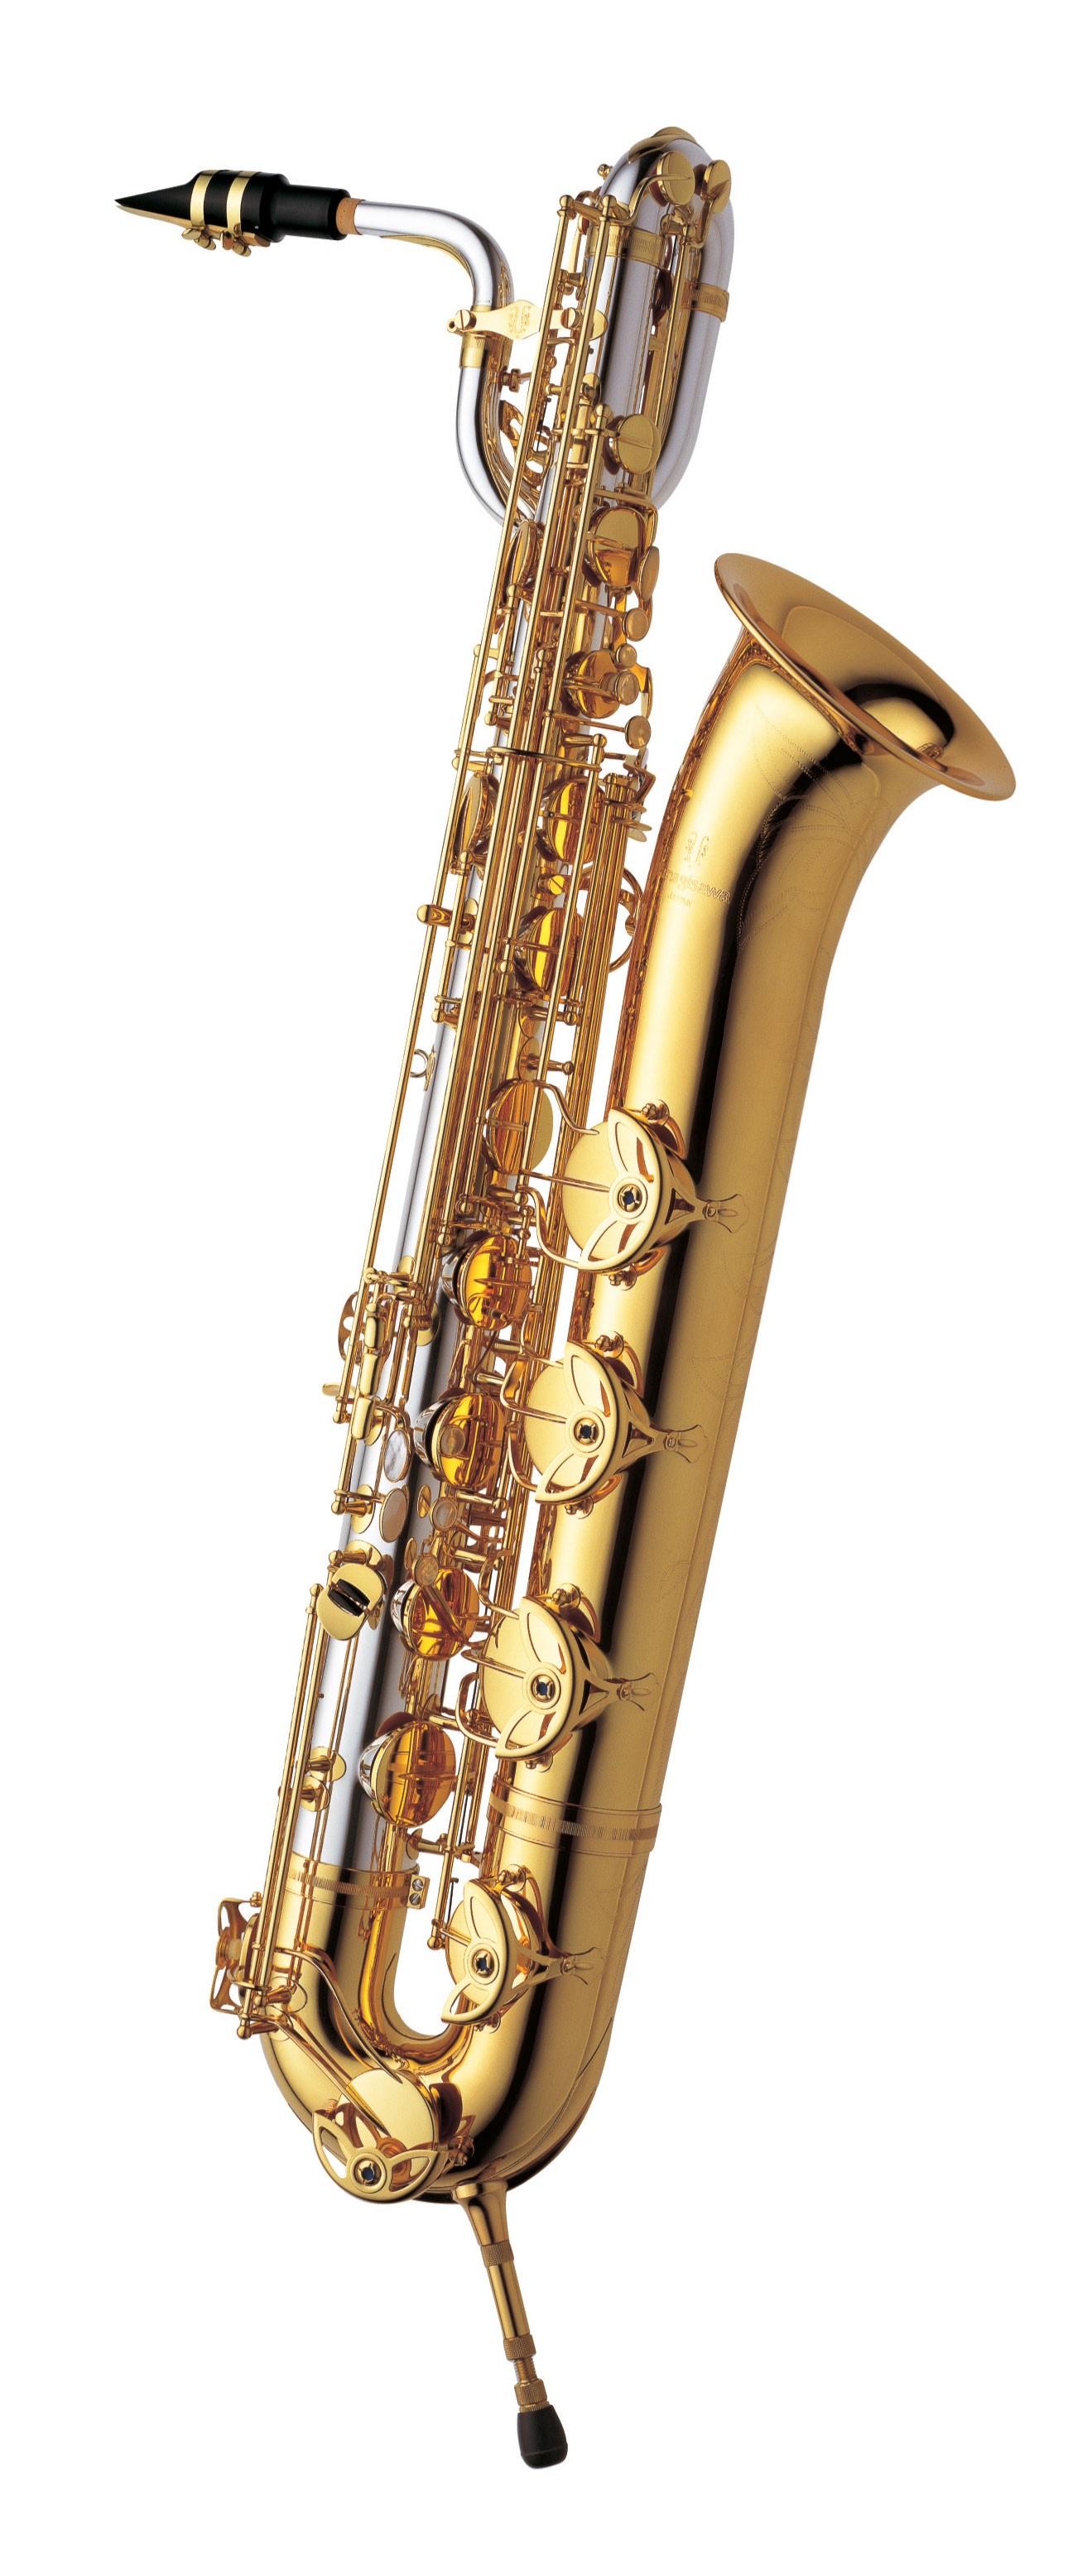 Yanagisawa - B-9930 - Holzblasinstrumente - Saxophone | MUSIK BERTRAM Deutschland Freiburg